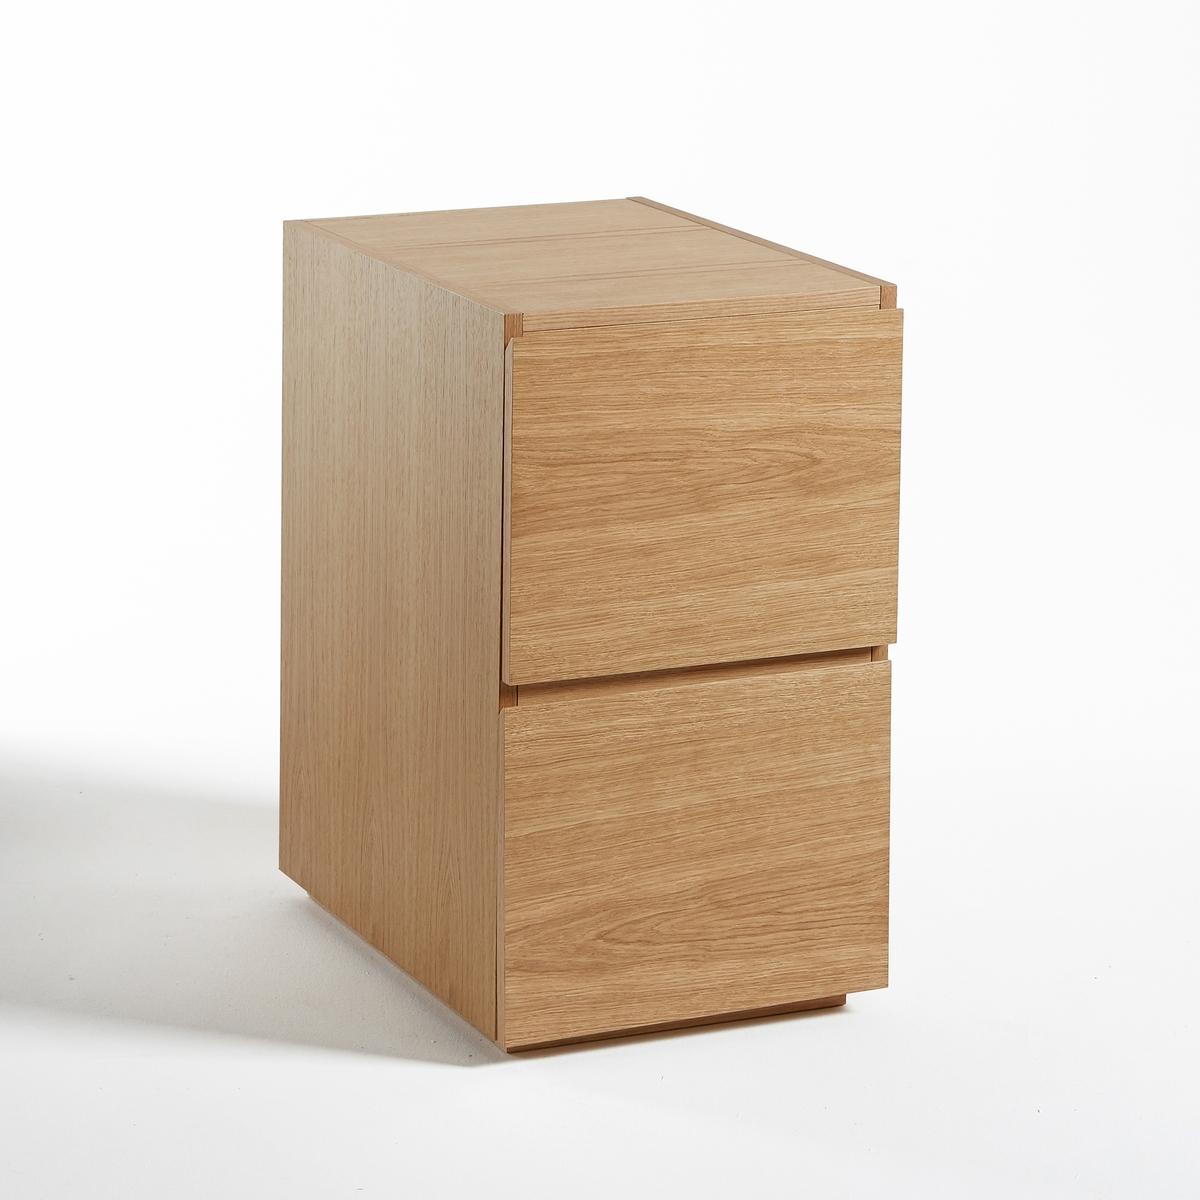 Фото - Тумба LaRedoute С 2 ящиками Working единый размер каштановый тумба laredoute для телевизора с раздвижными дверцами quilda единый размер каштановый